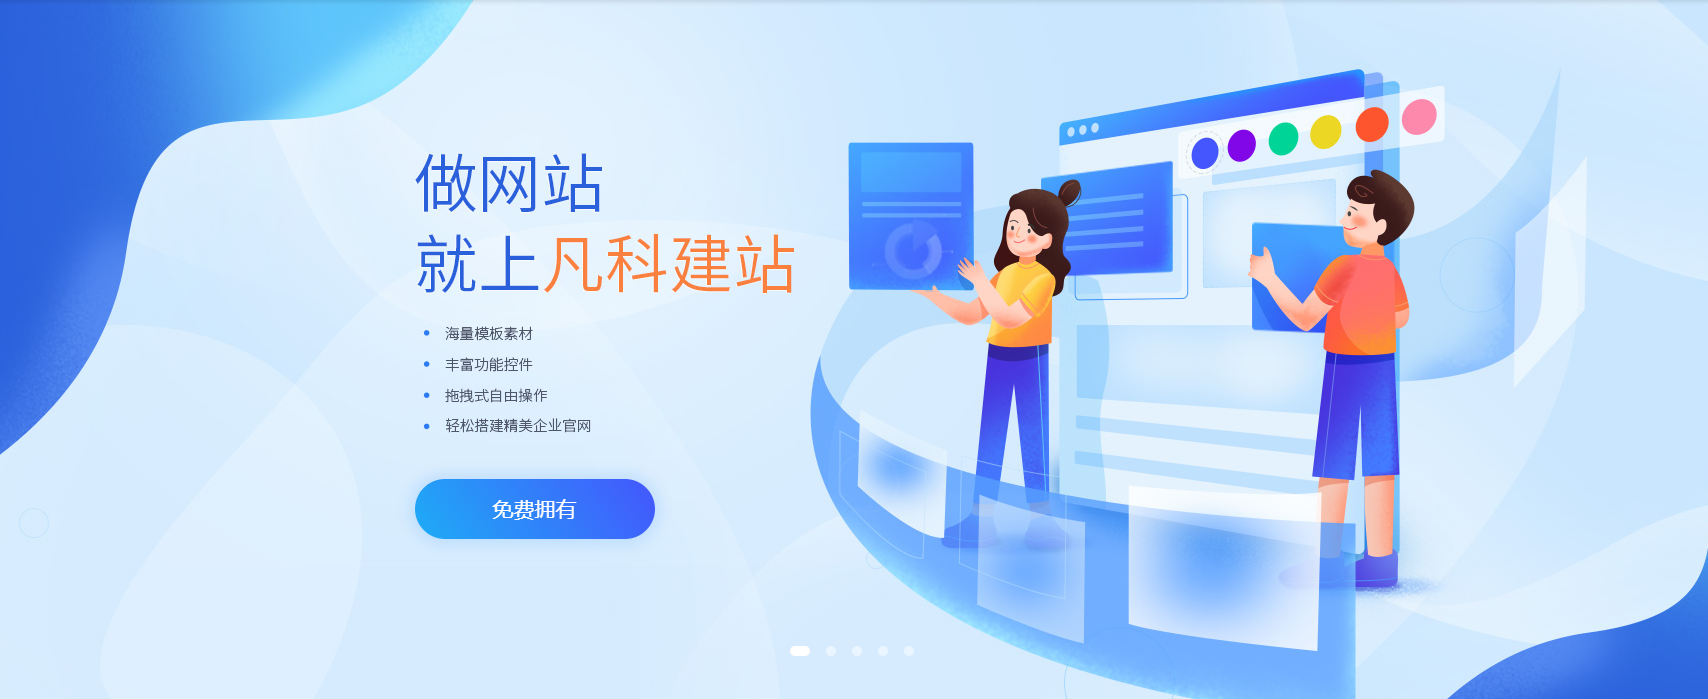 企业网站建设的战略目标